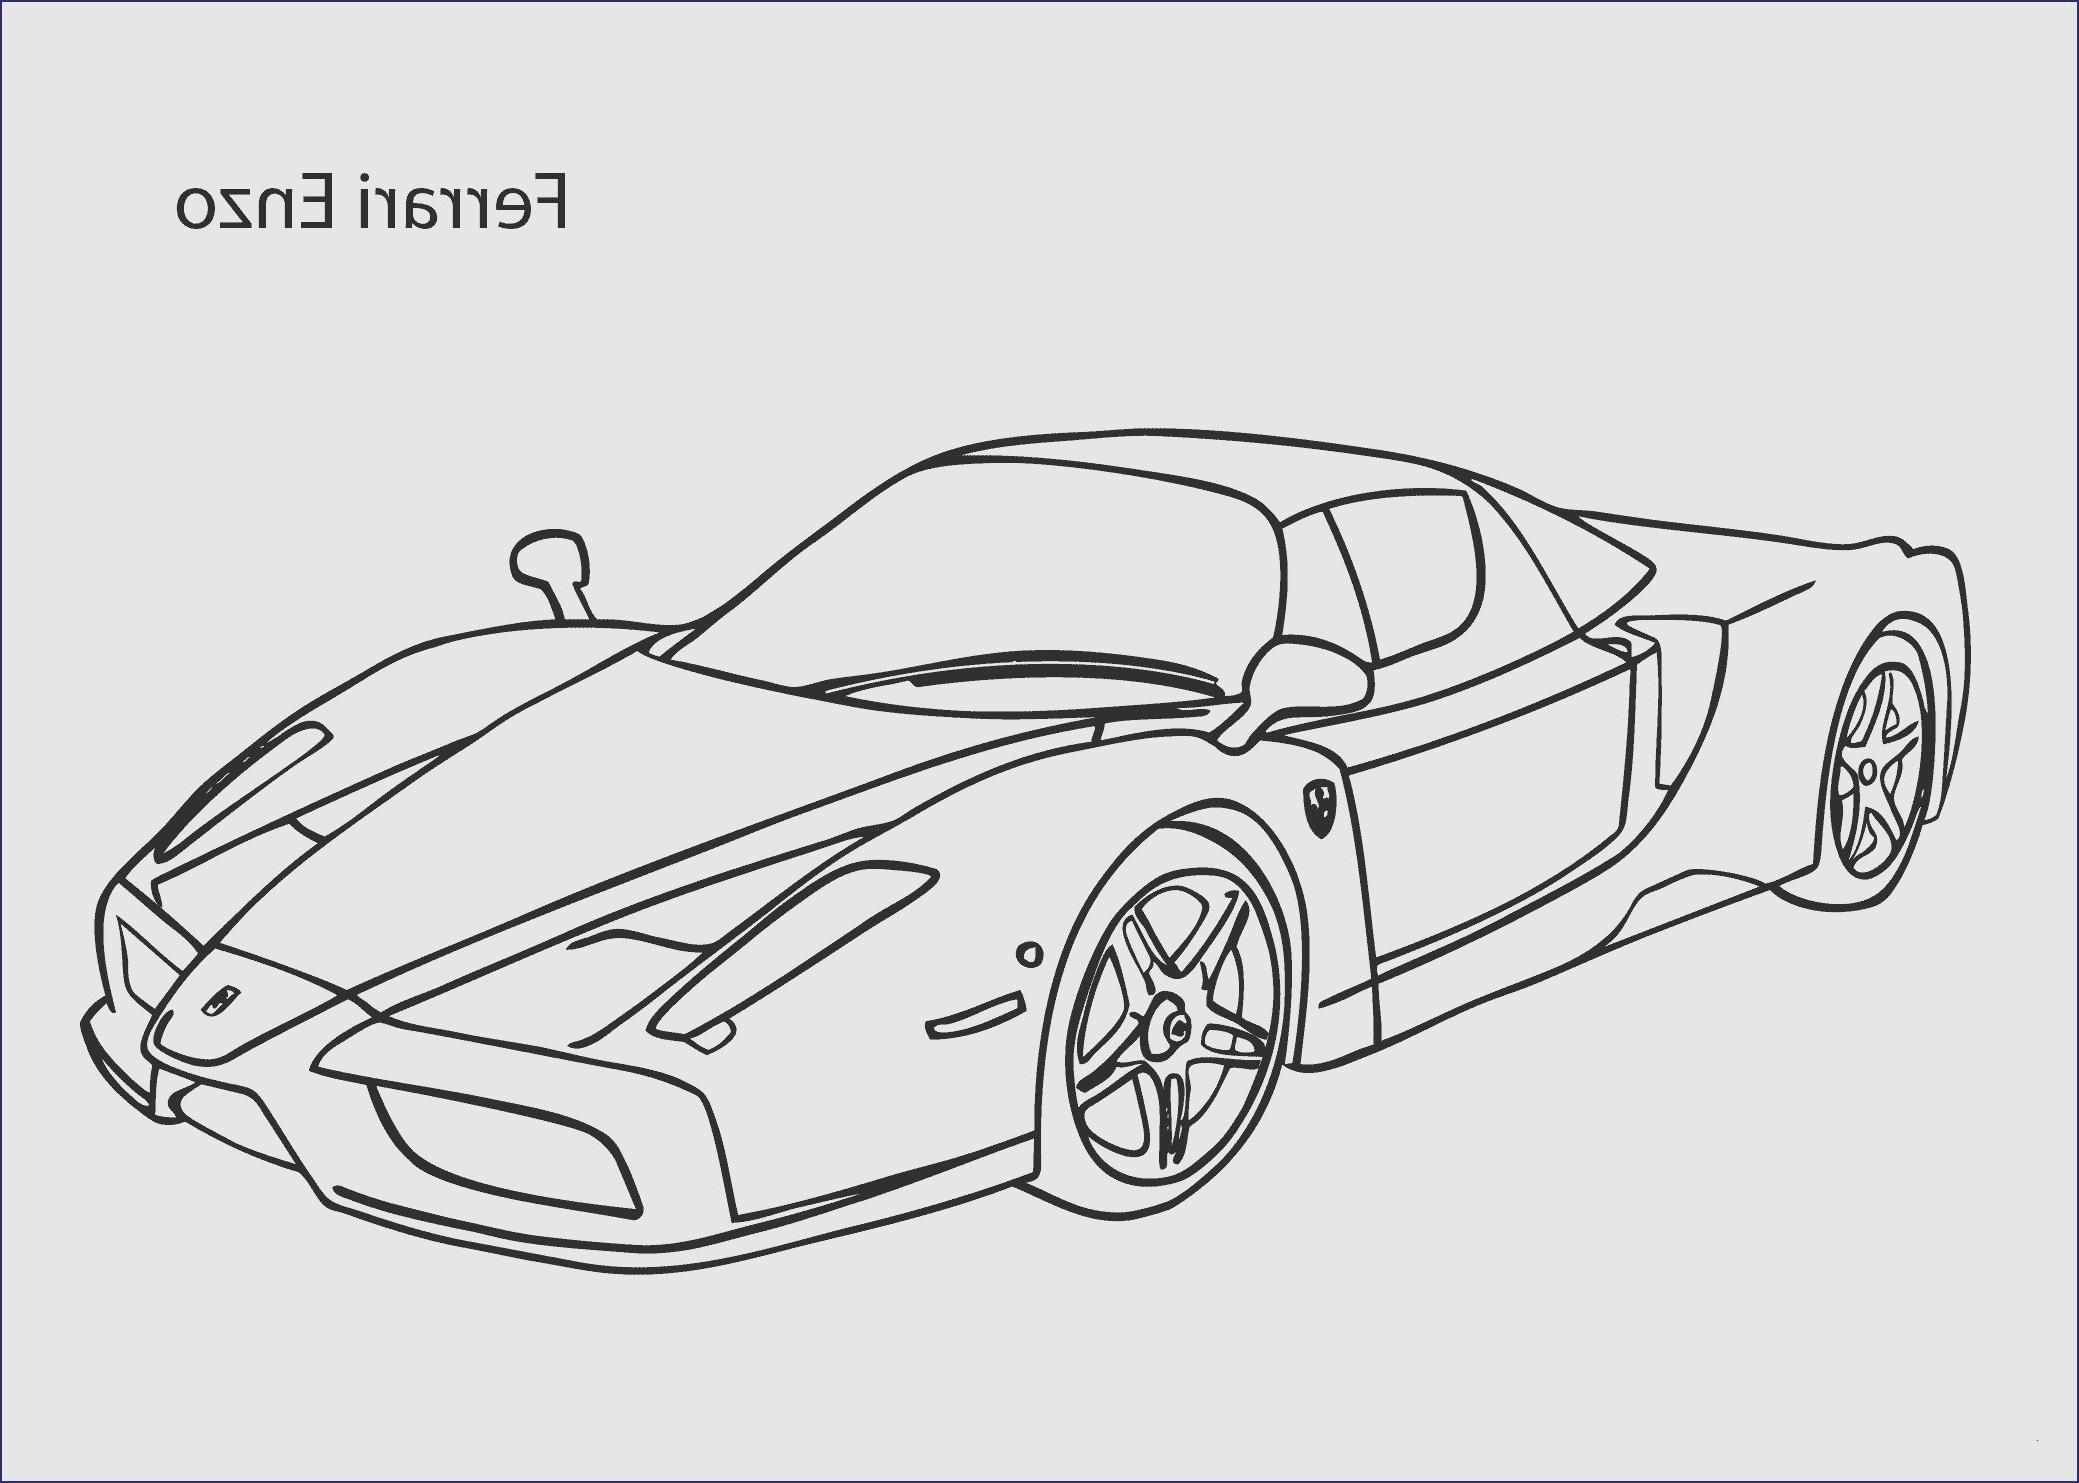 Ausmalbilder Lightning Mcqueen Genial 28 Schön Lightning Mcqueen Auto – Malvorlagen Ideen Bild